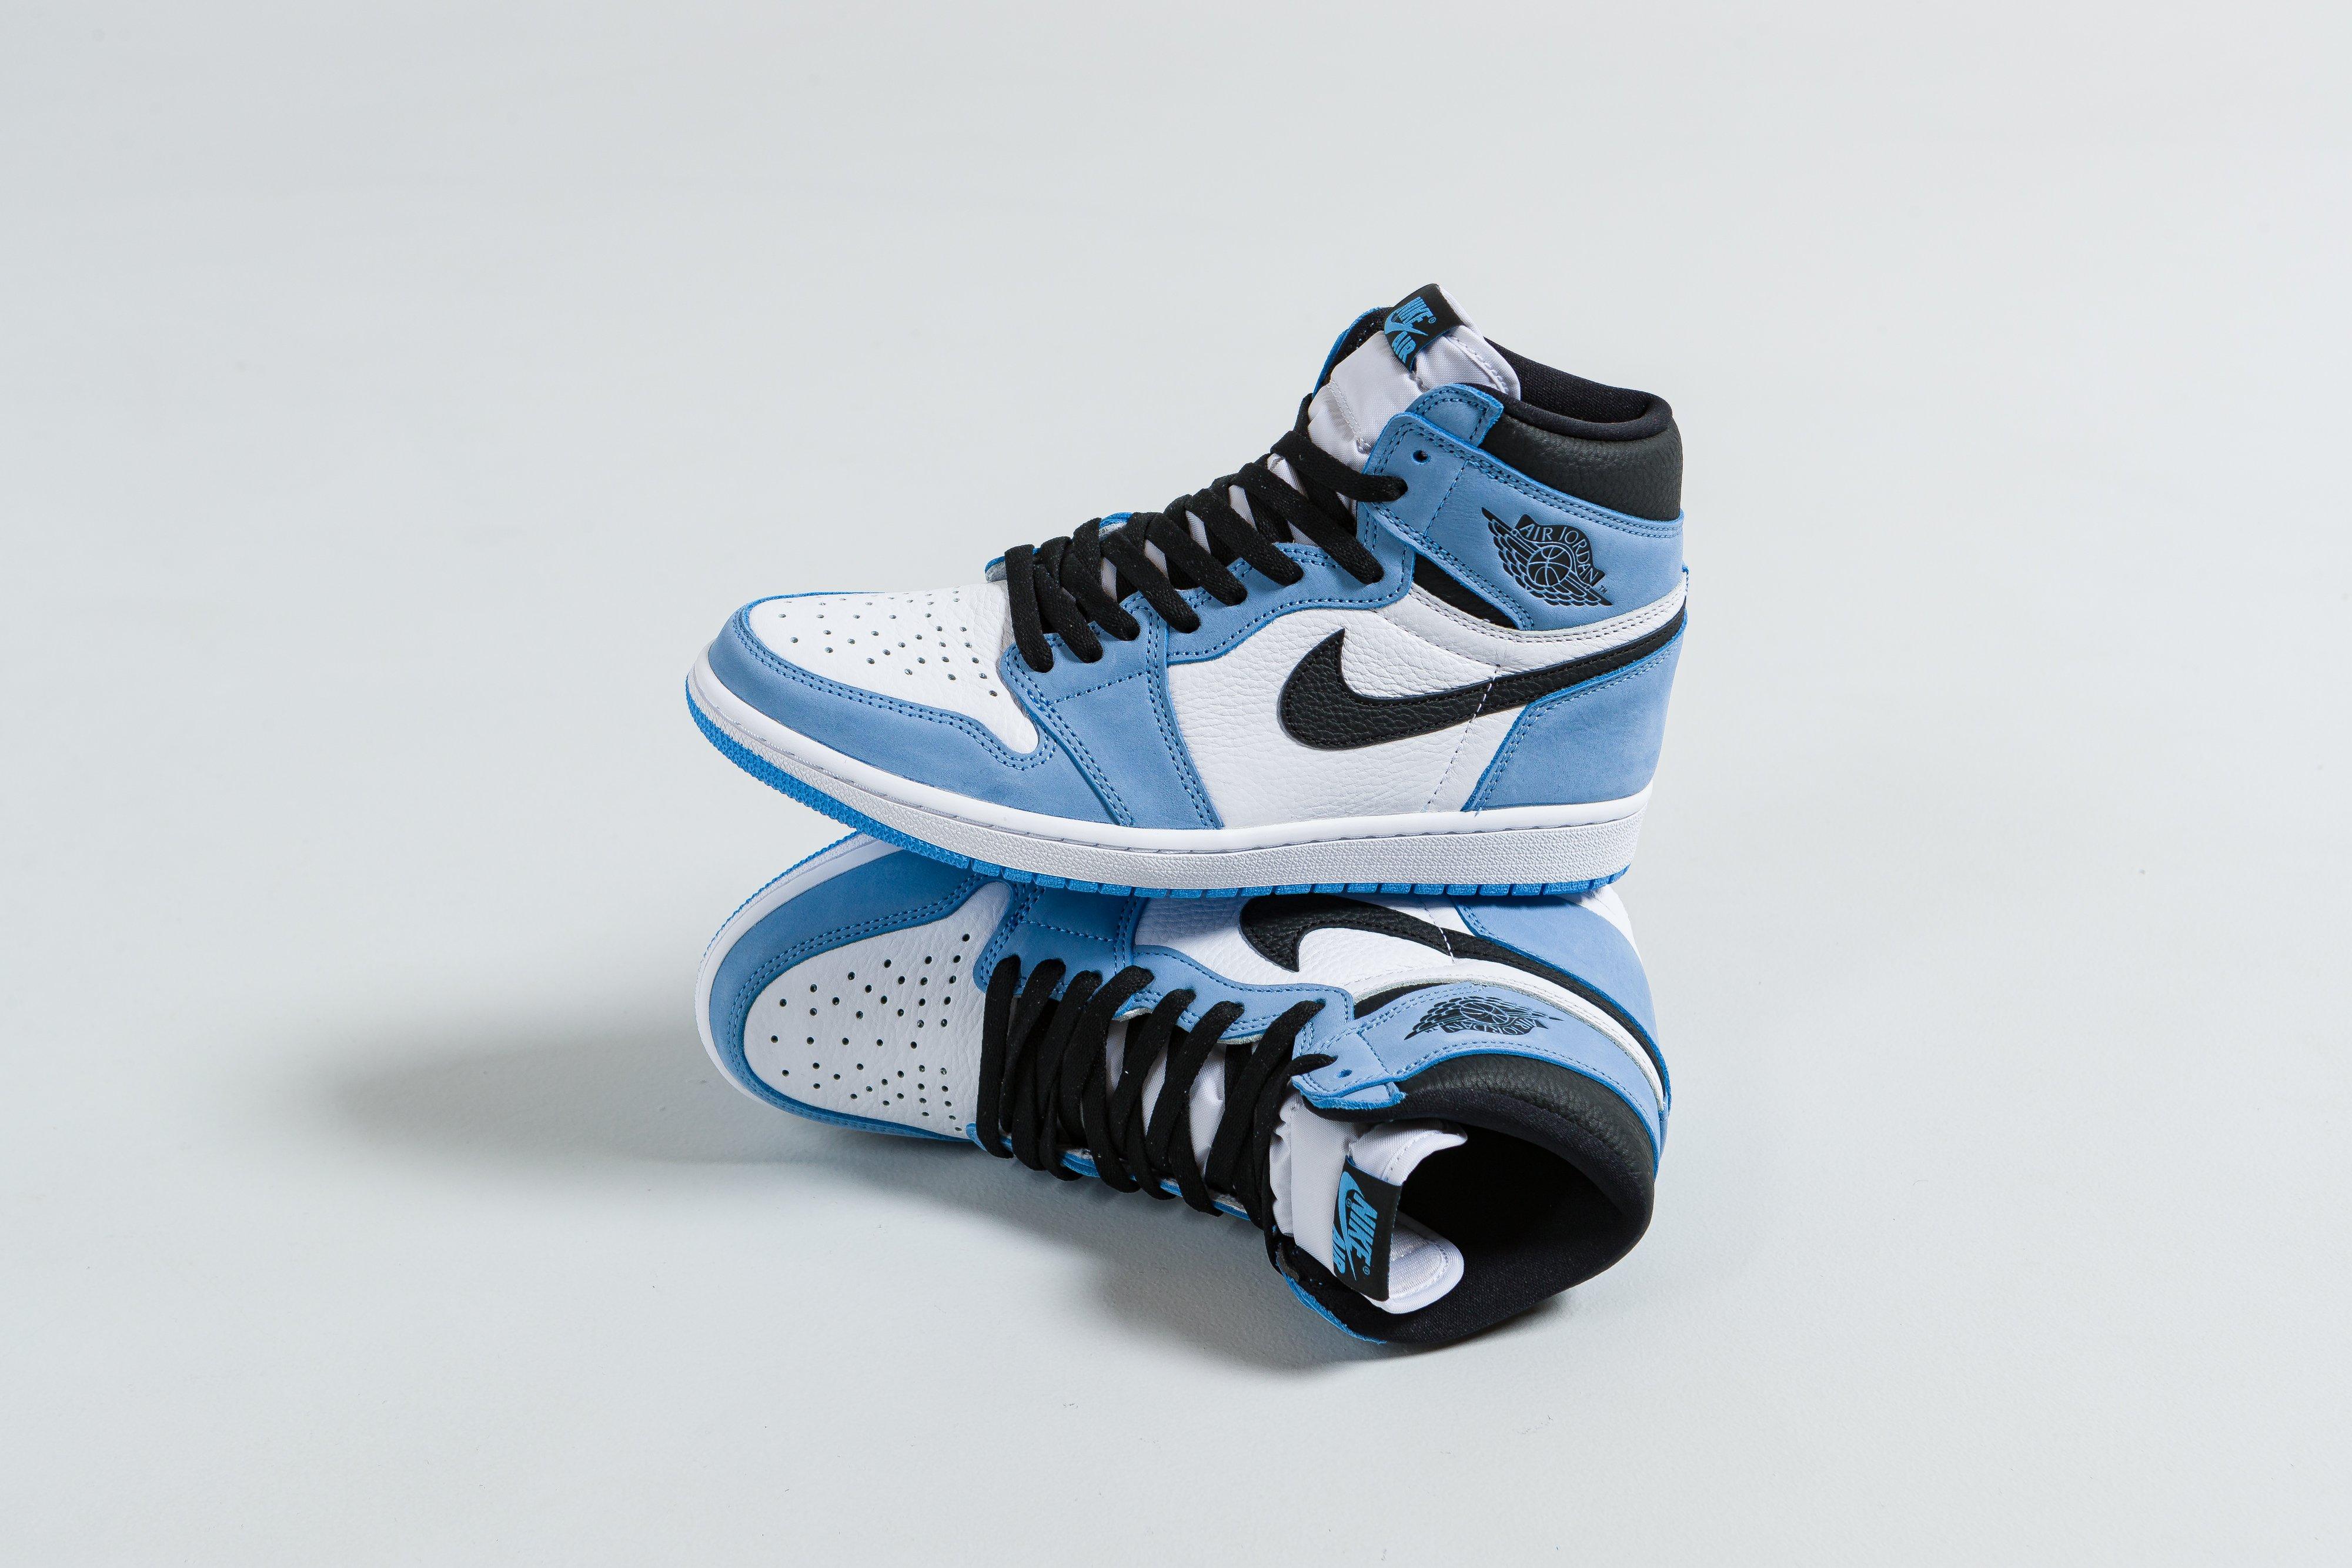 Jordan - Air Jordan 1 Retro High OG - White/Black-University Blue - Up There